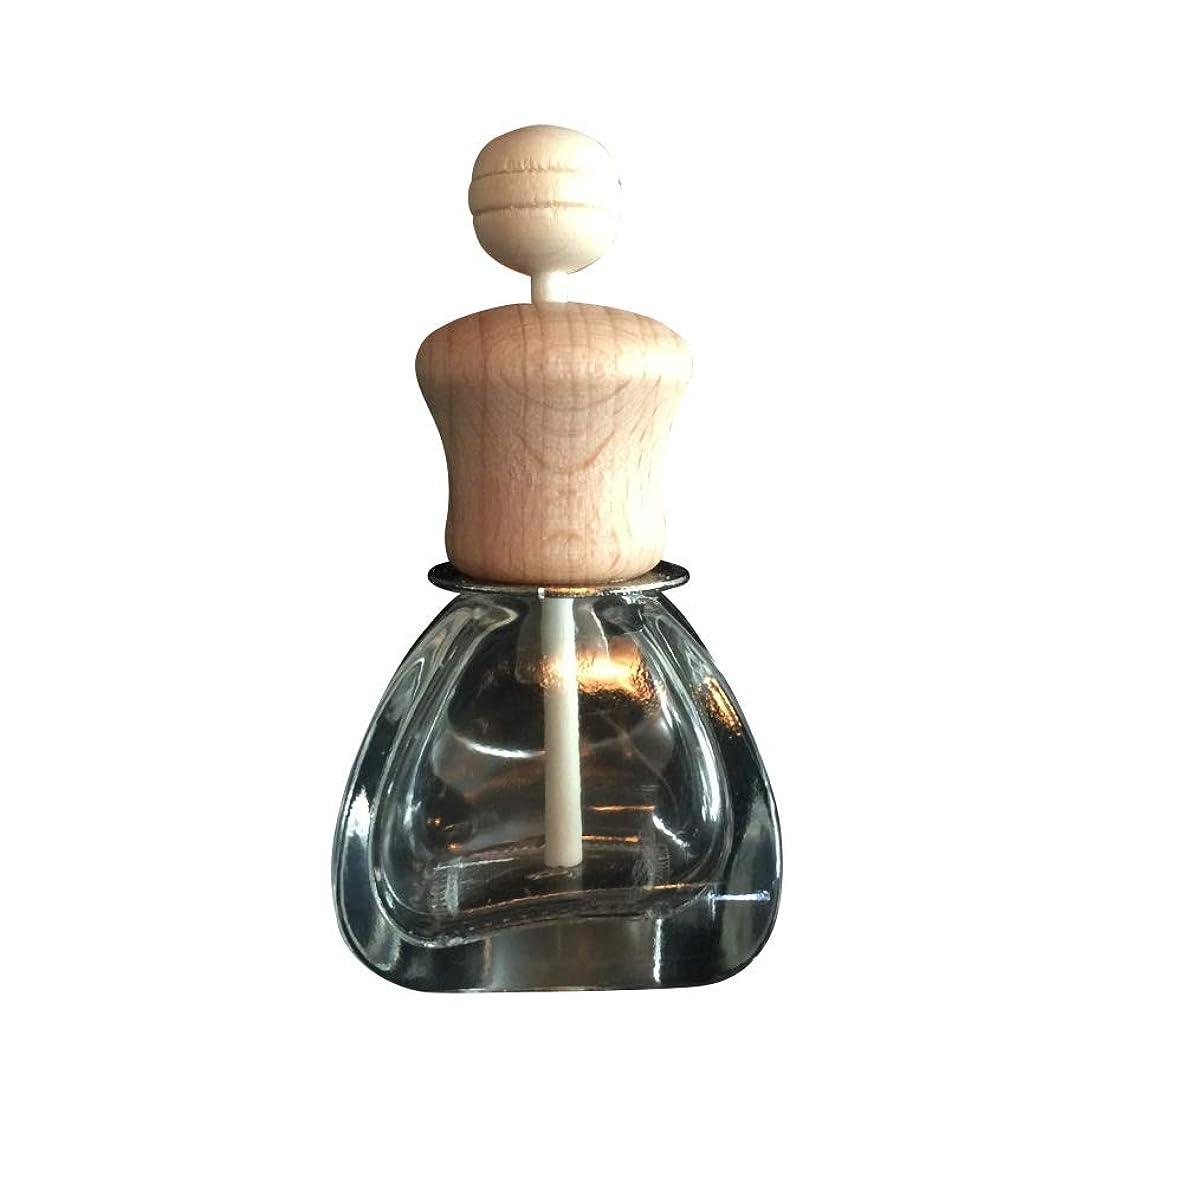 マングルに向けて出発息切れKISSION カーベント香水瓶 詰め替え可能 車のペンダント 芳香剤 香水ディフューザー 香水瓶 掛けて 空気清涼剤 ディフューザー フレグランスボトル